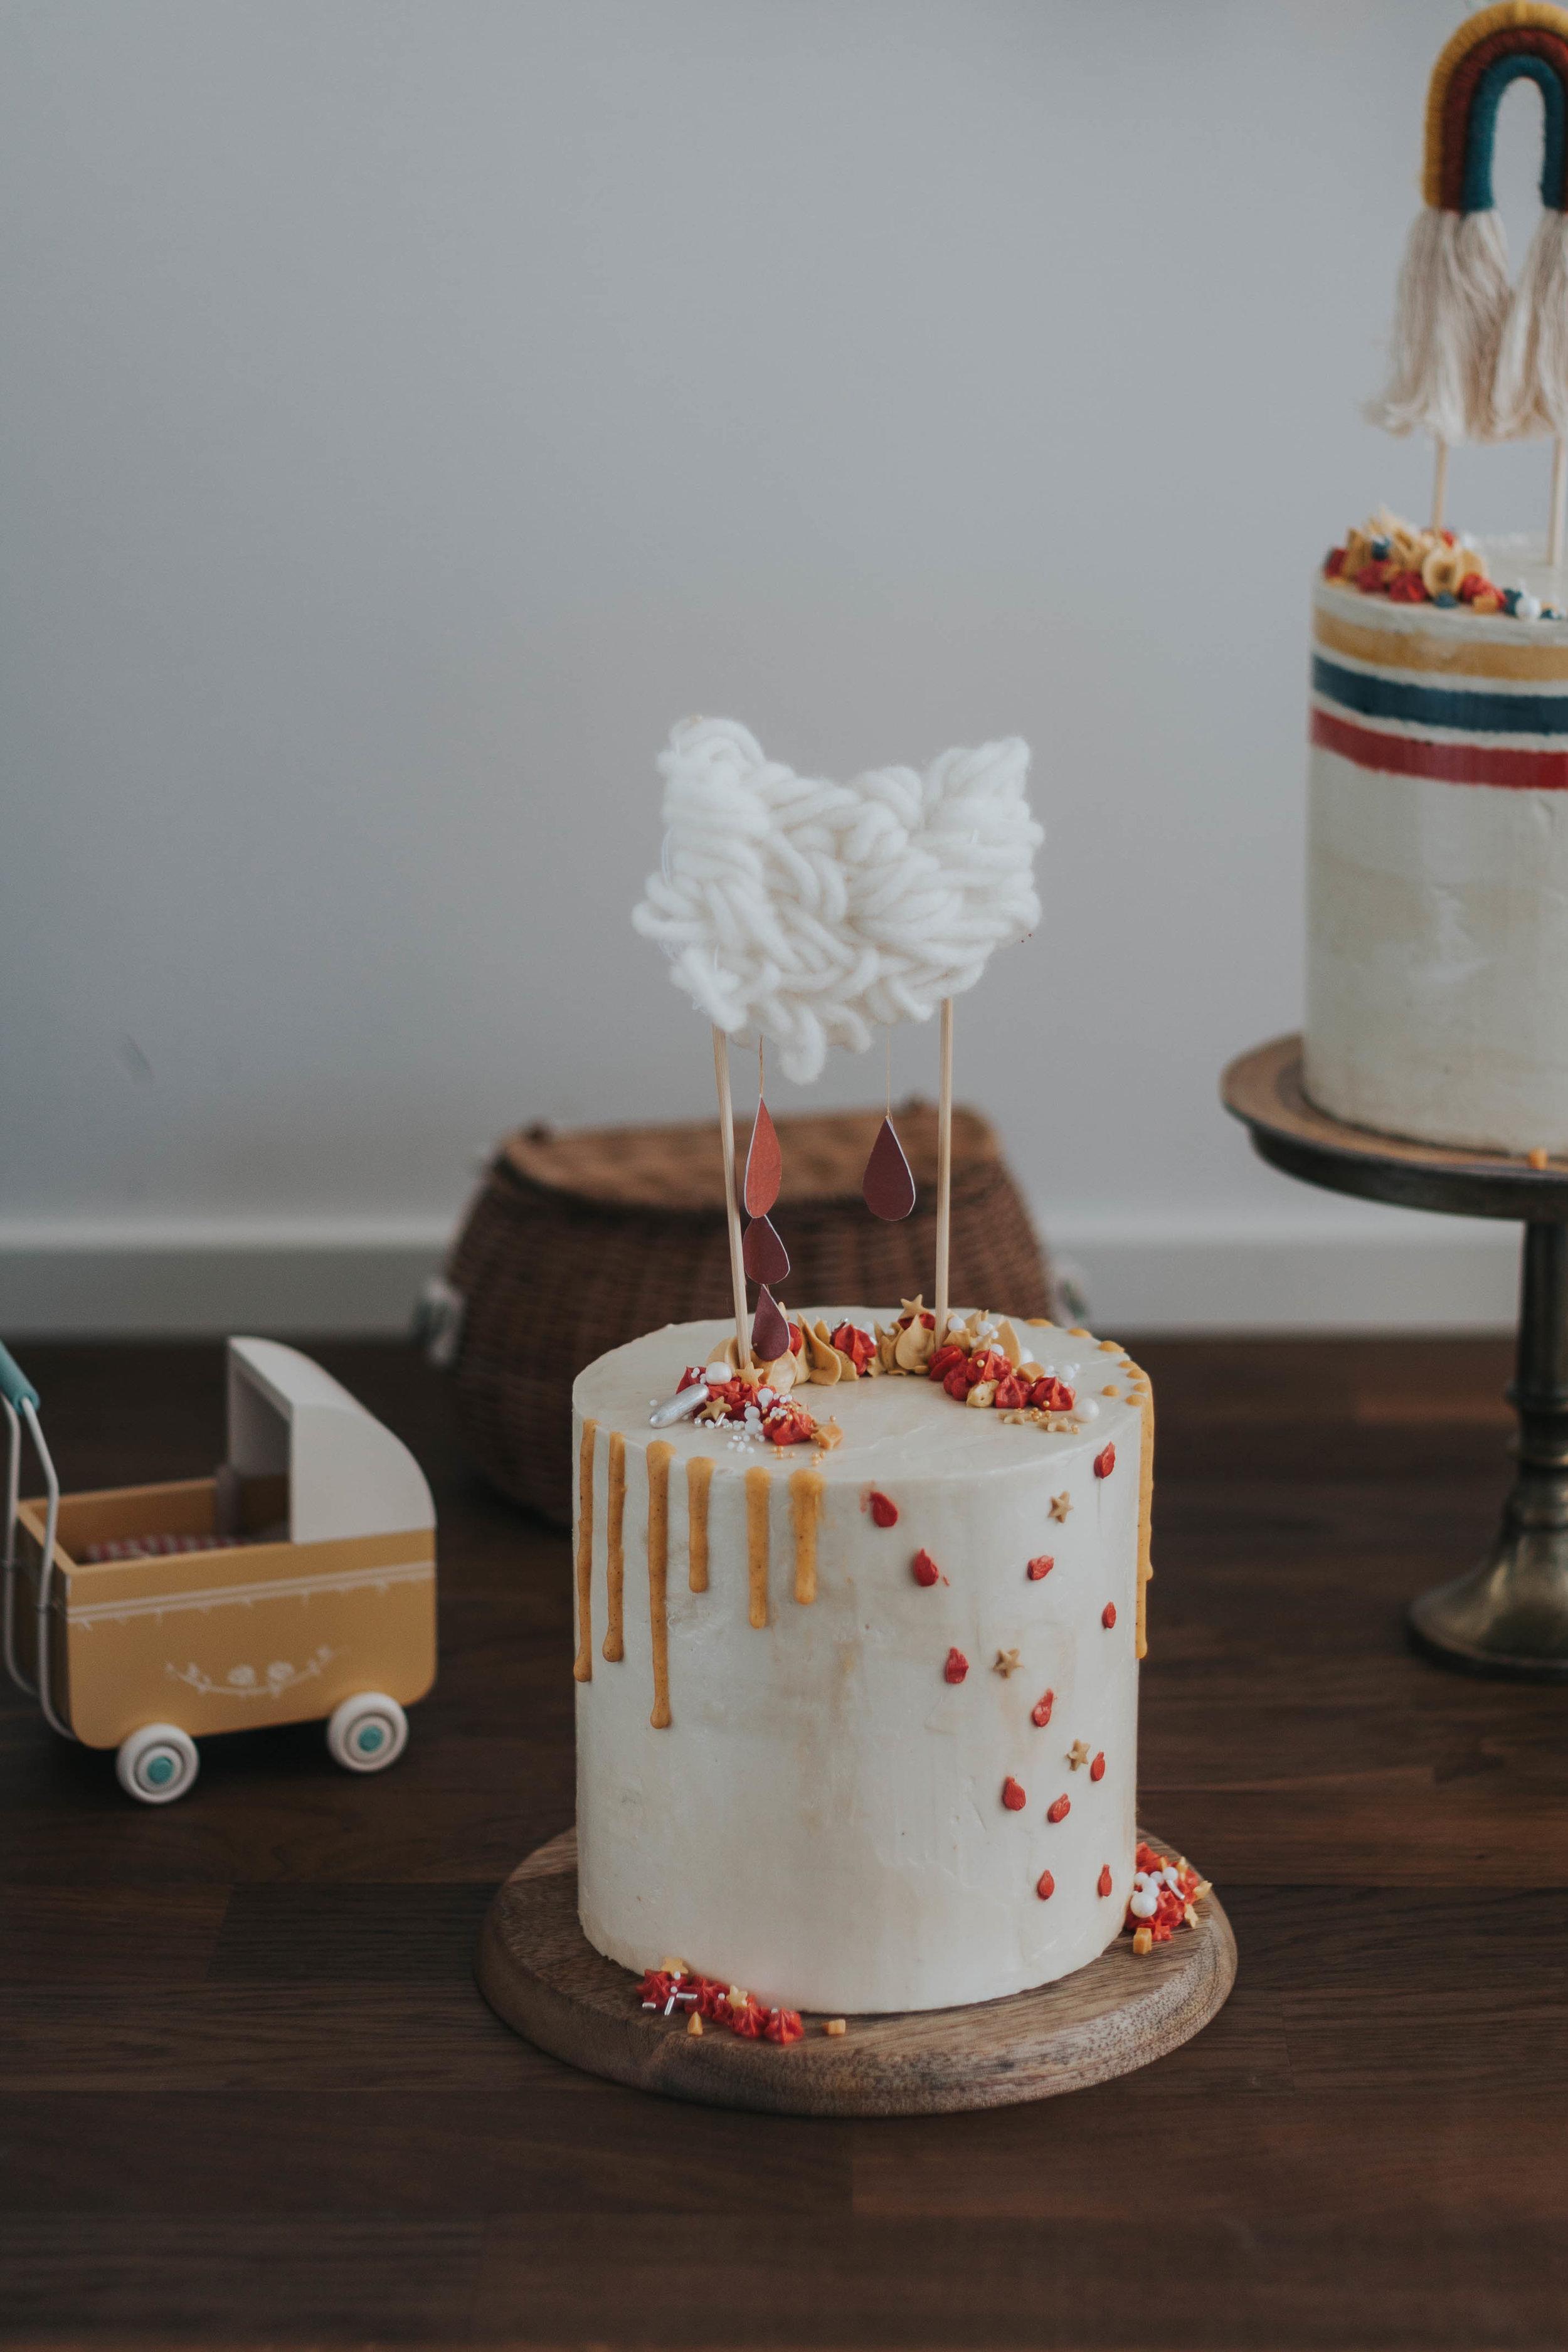 Cópia de Cópia de Wolke cake